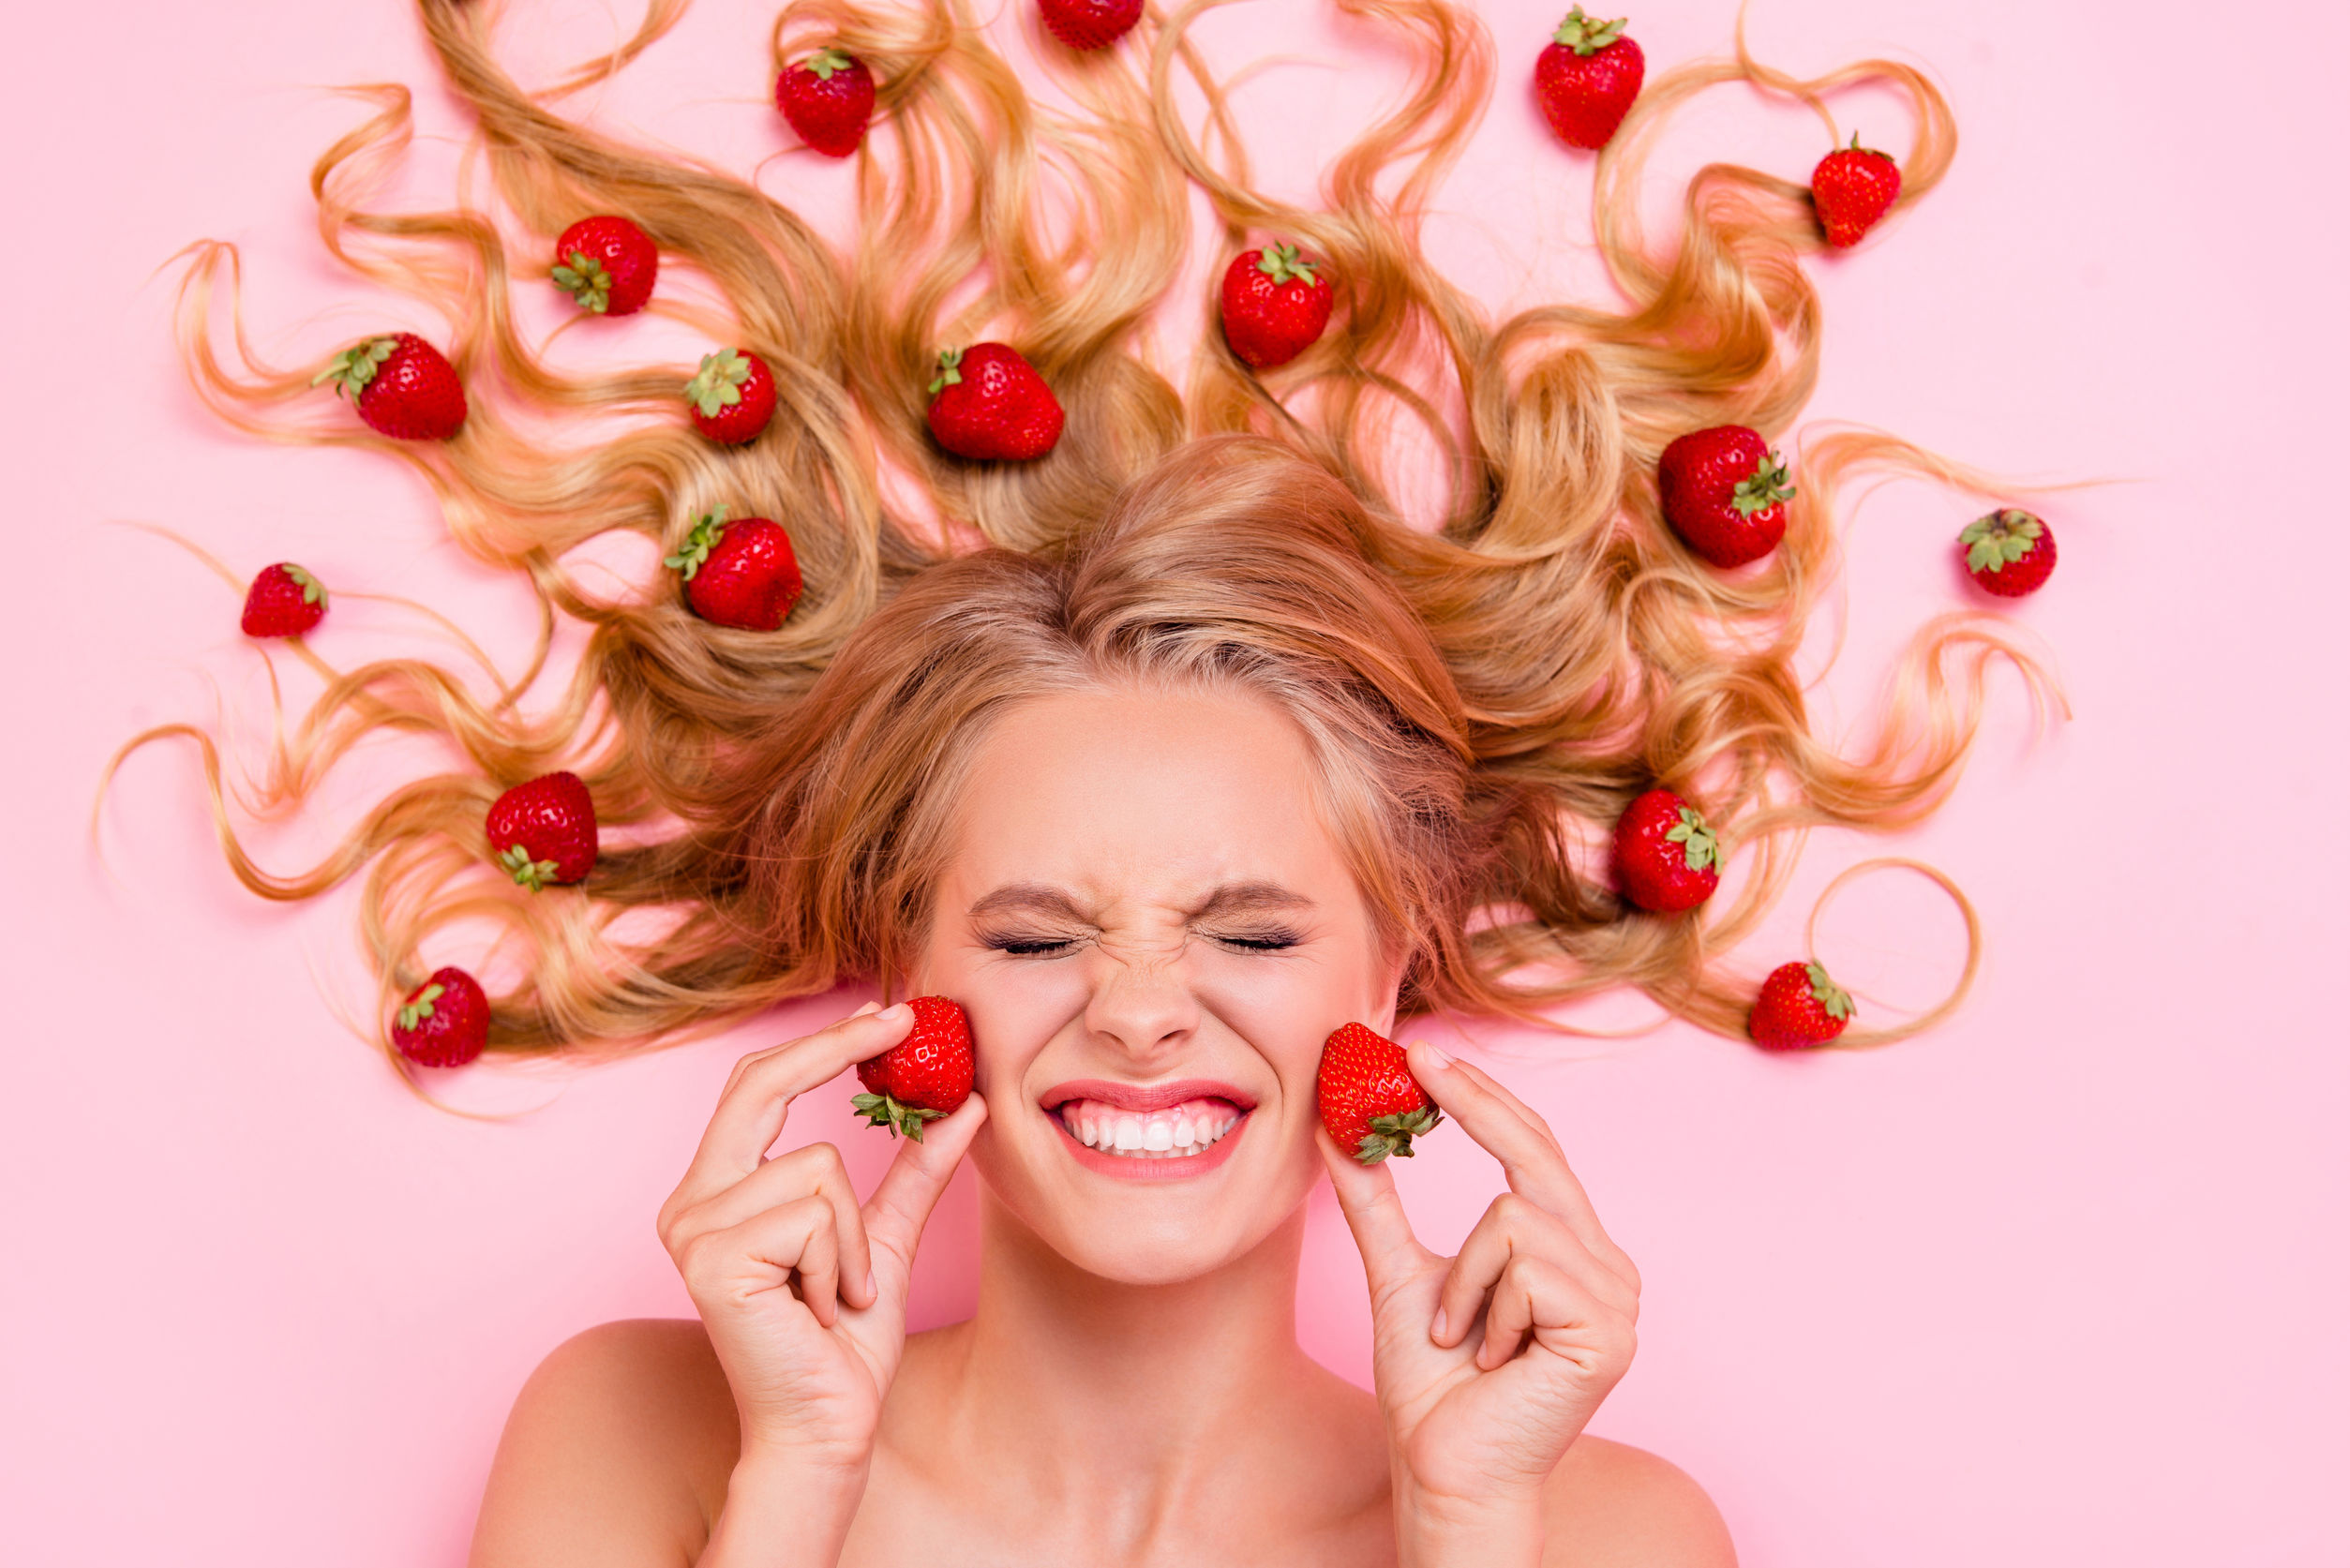 Donna con fragole sul viso e capelli